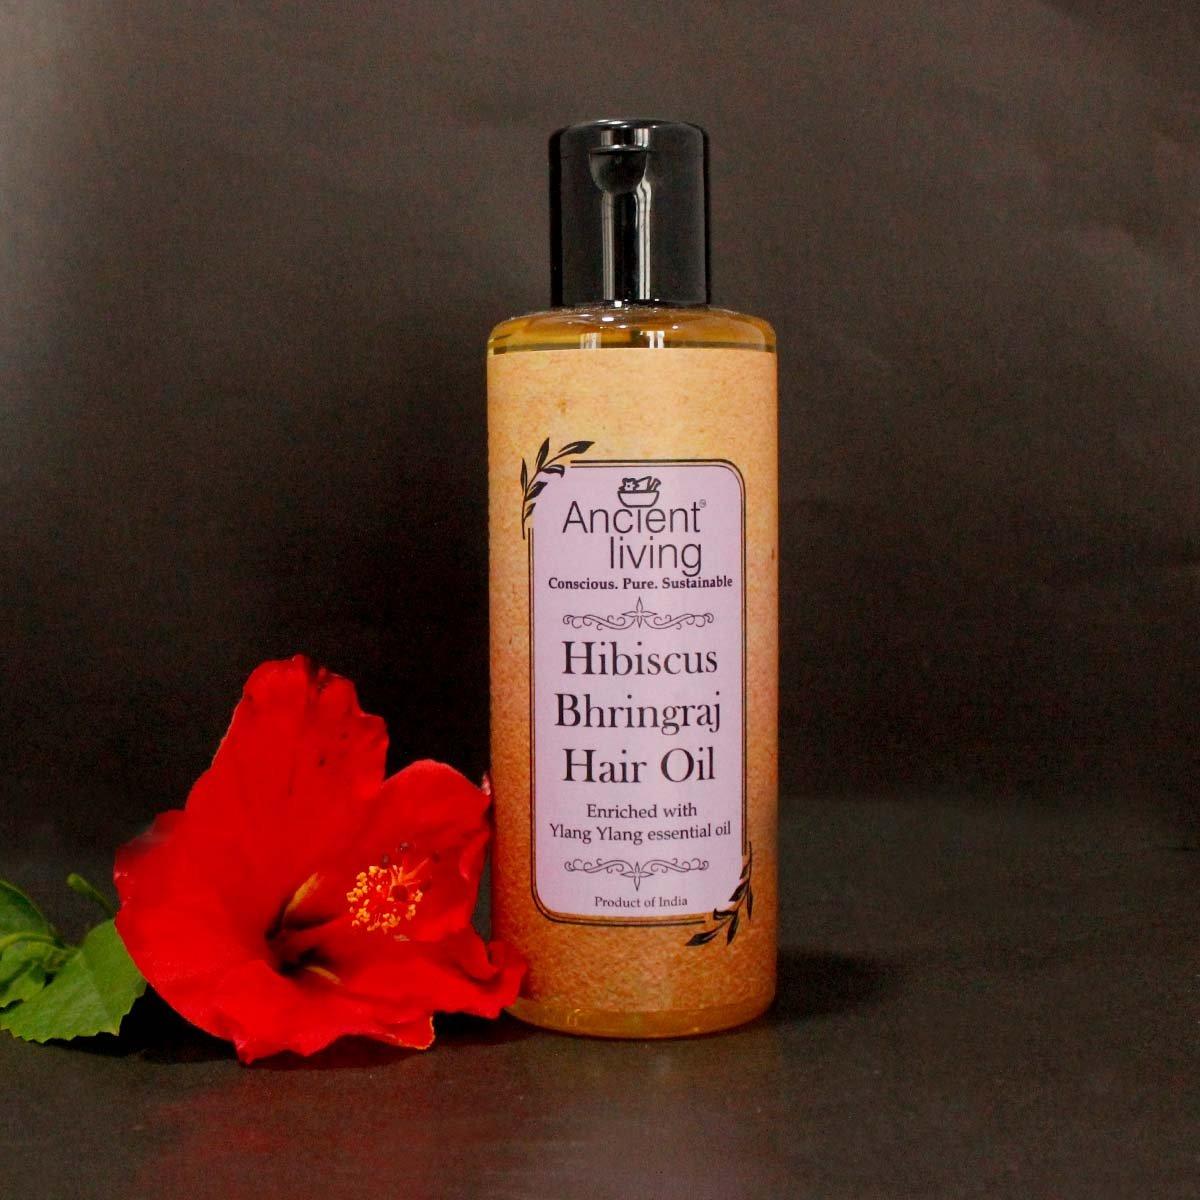 Hibiscus & Bhringraj Hair Oil